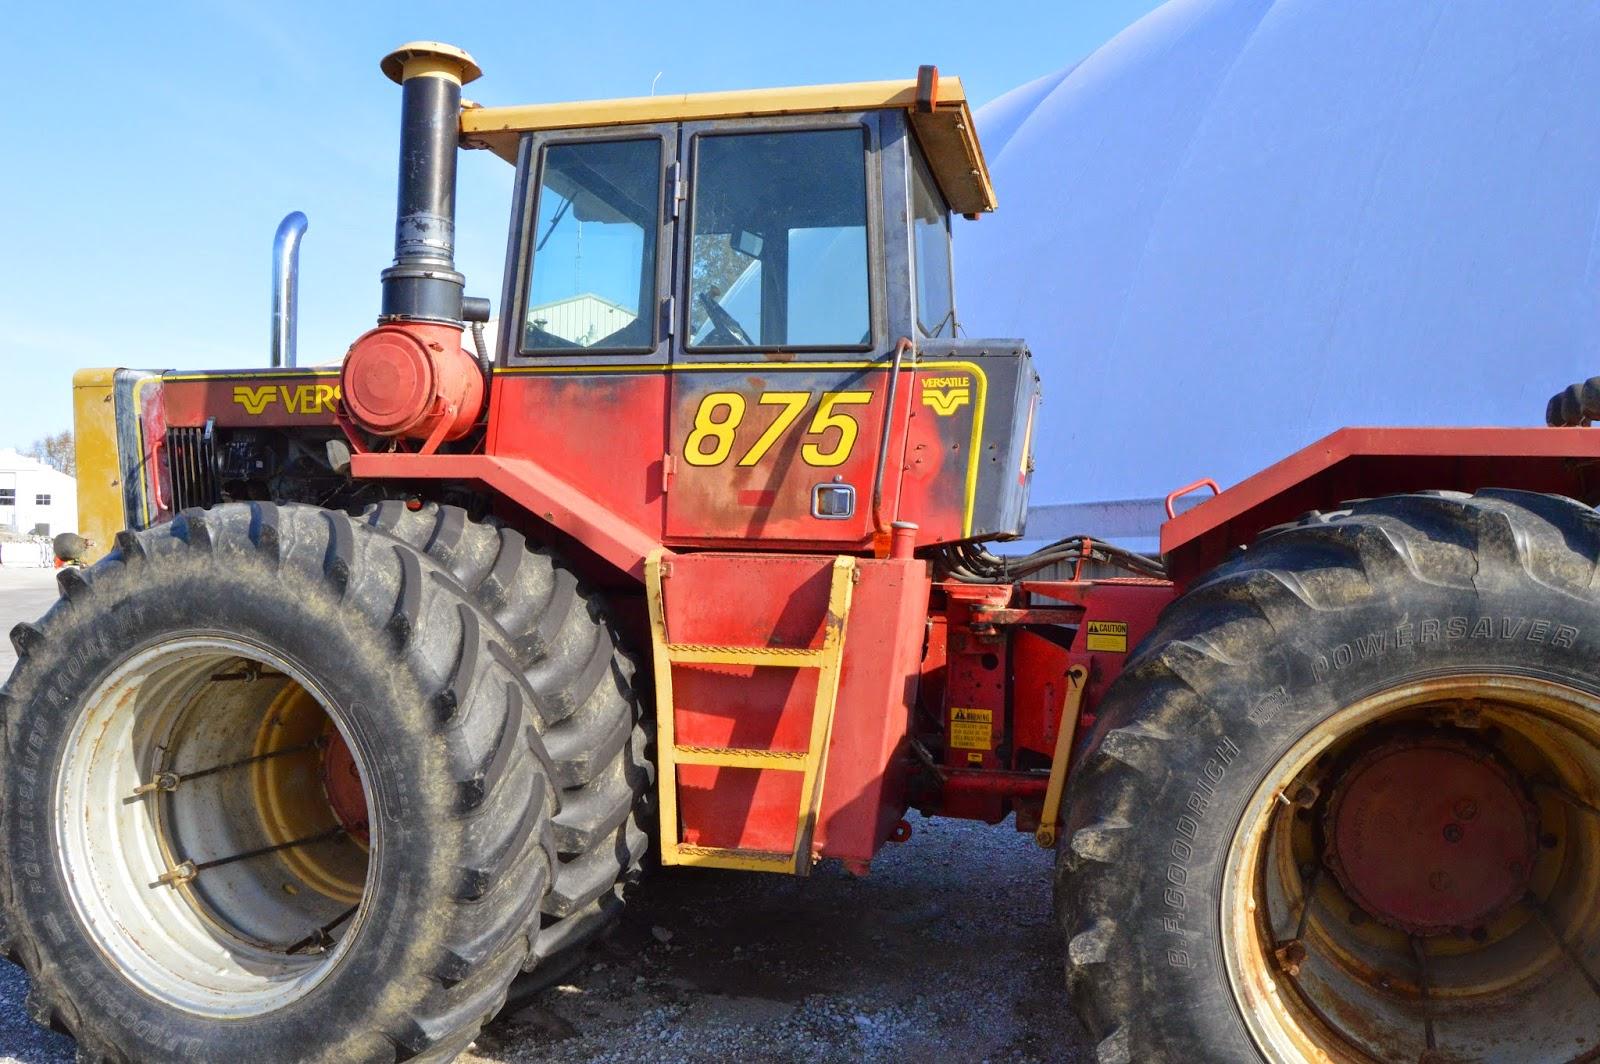 Industrial History: Versatile Farm Tractors